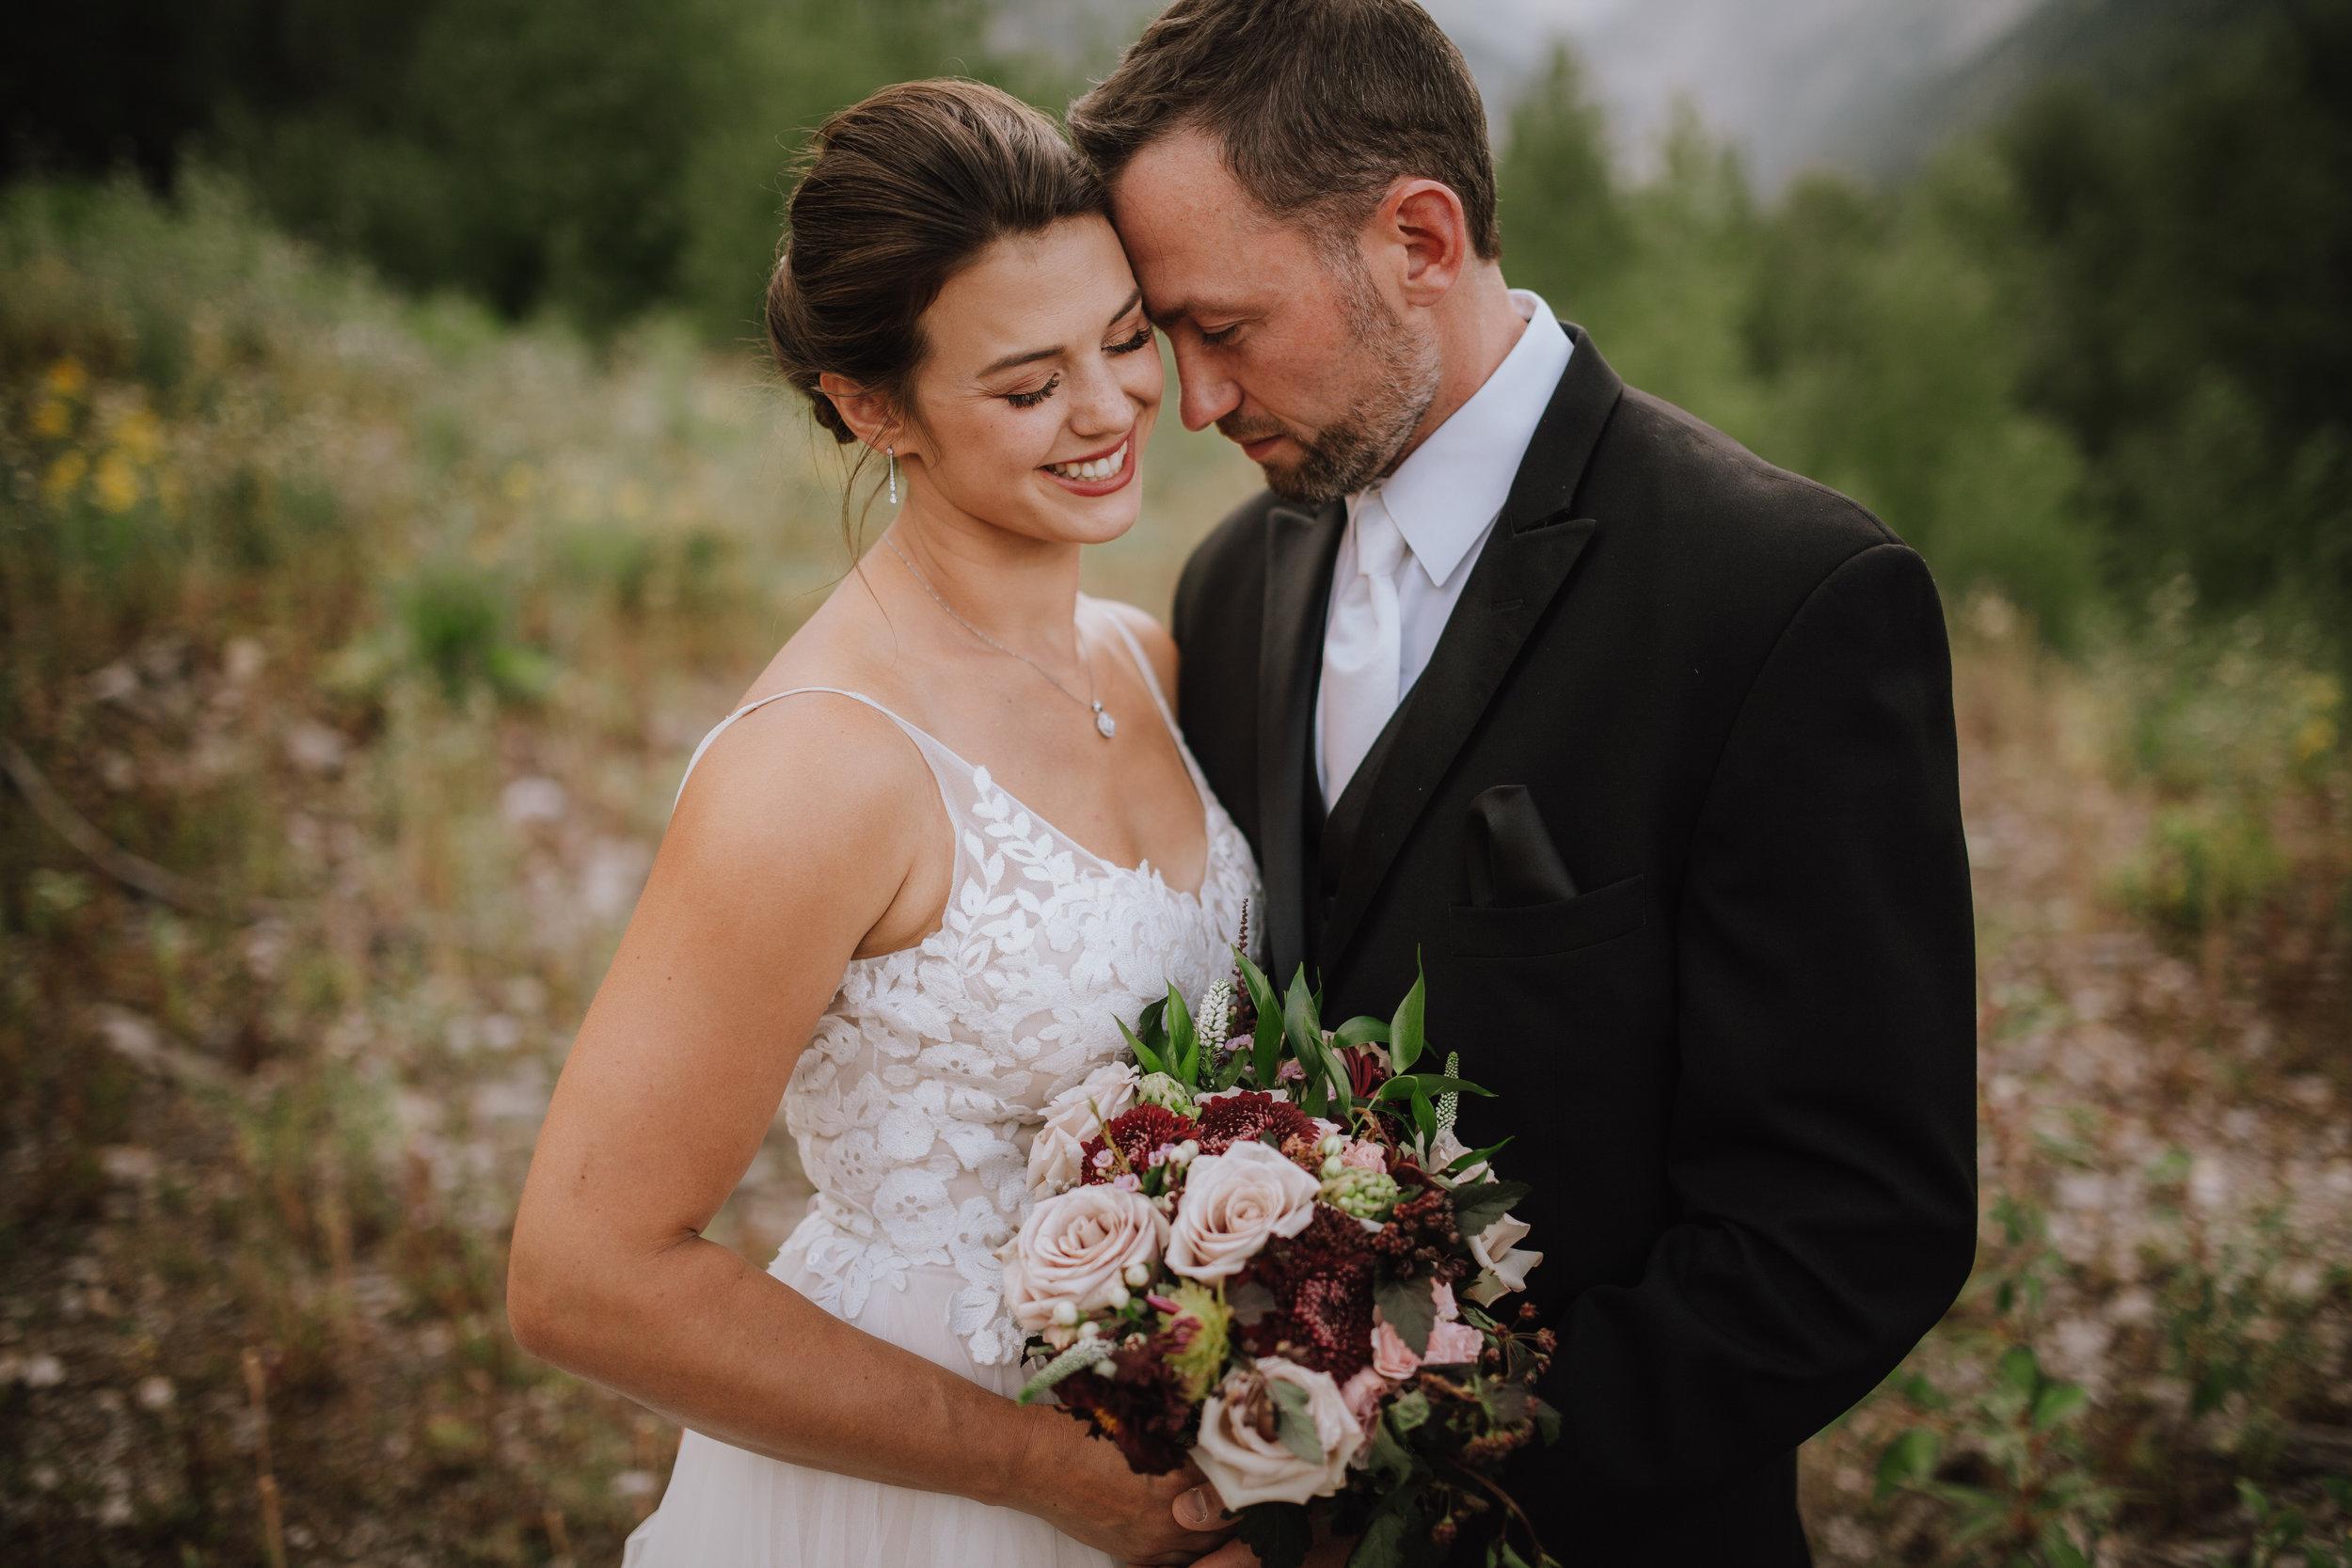 Sam + Jenna 4 - Bridal Portraits-97.jpg